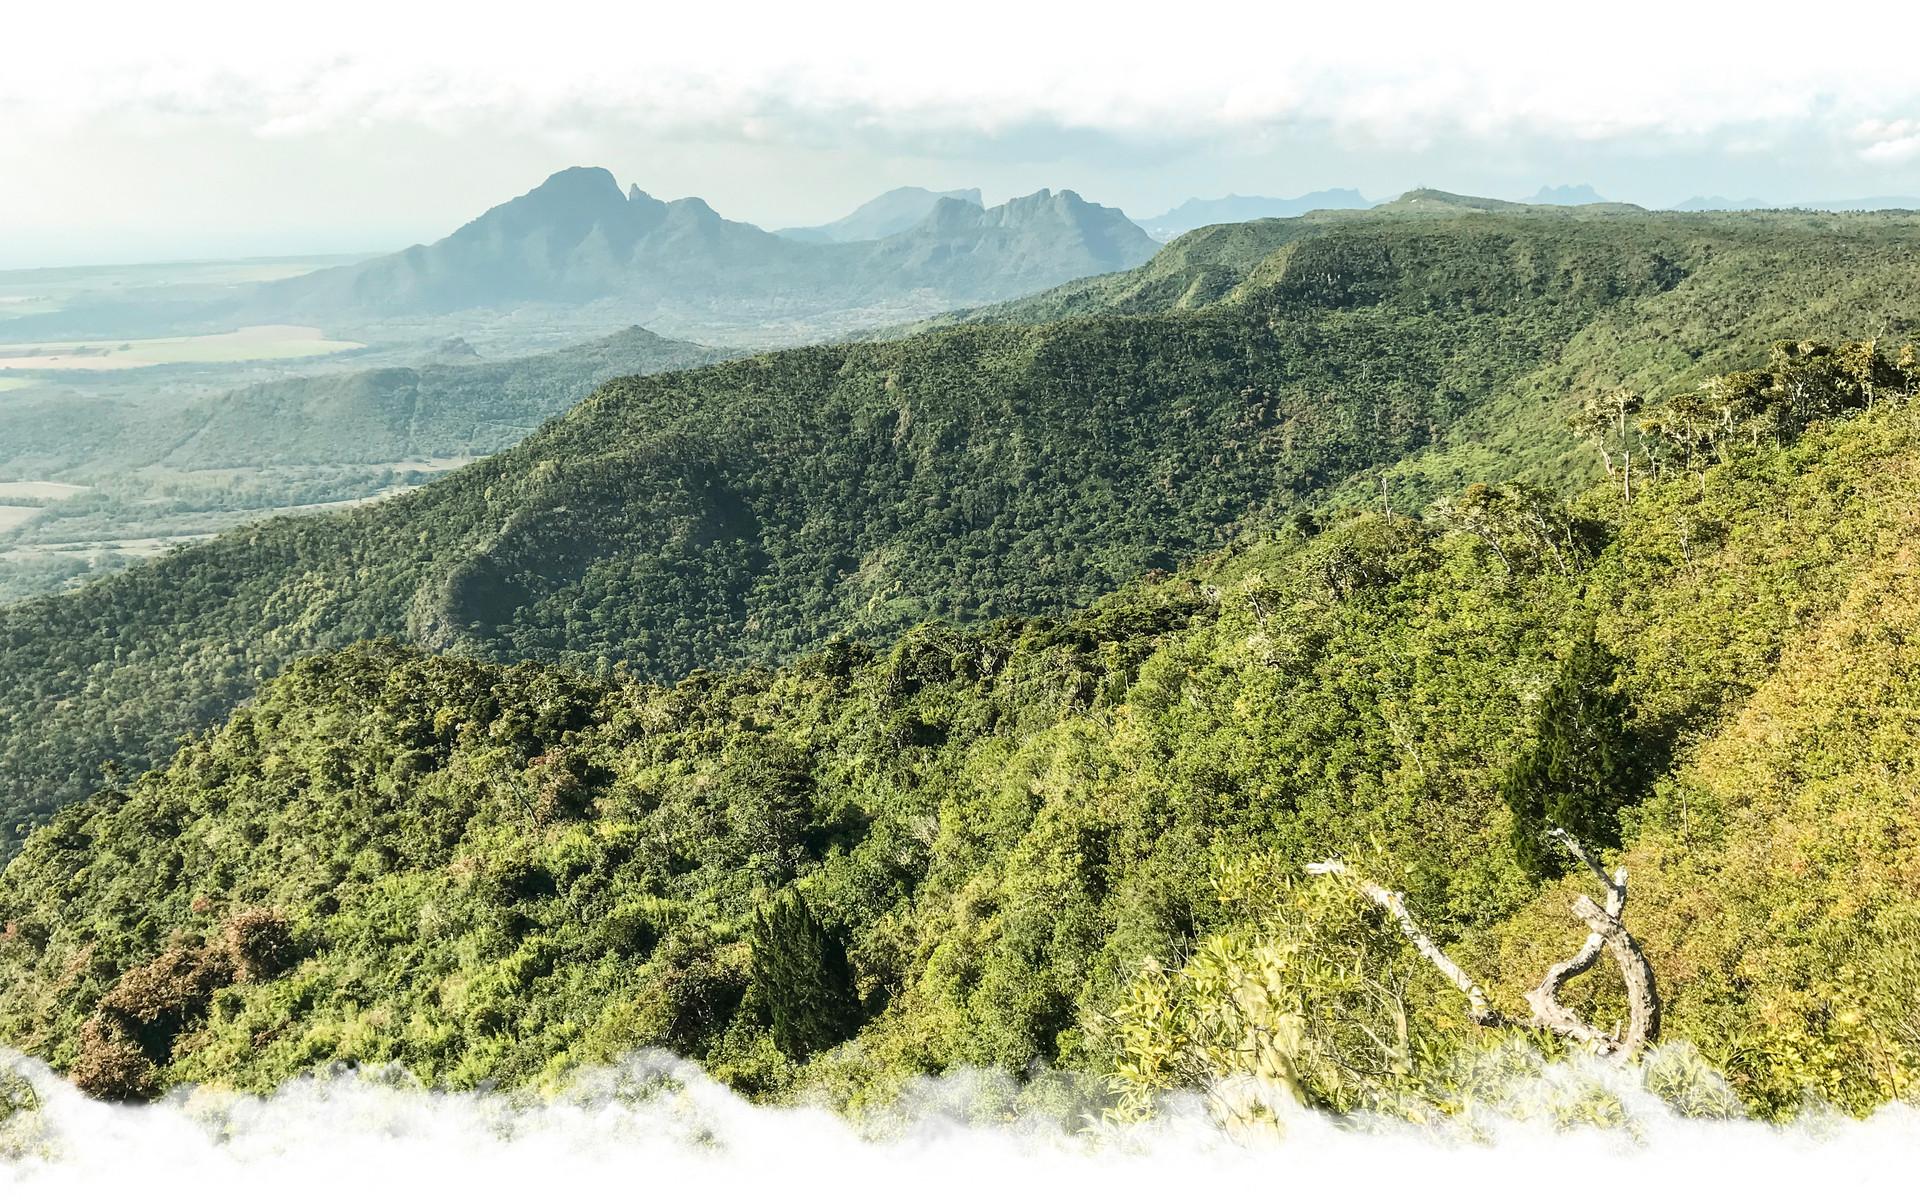 Brise Fer Peak with Horazis